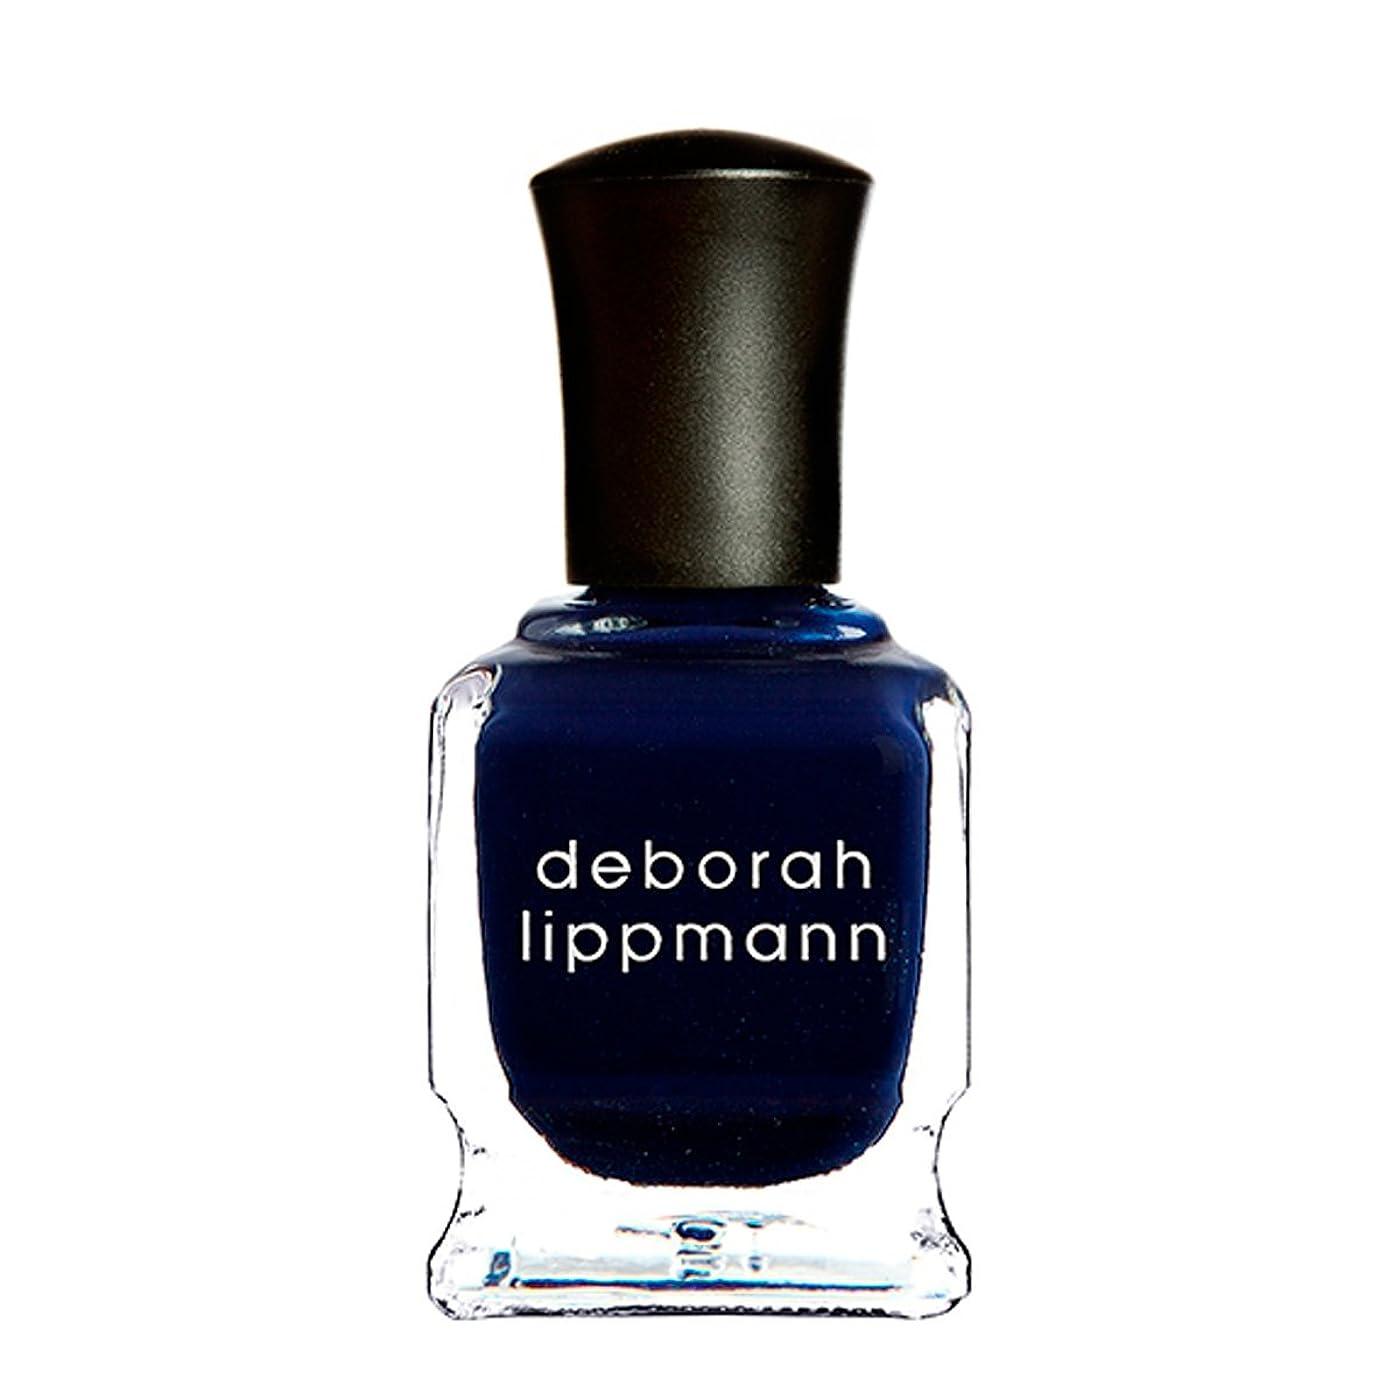 手綱酒長いです[Deborah Lippmann] [ デボラリップマン] ローリングインザディープ (Rolling in the Deep) 色:ミッドナイトブルー ネイルカラー系統:ブルー 15mL